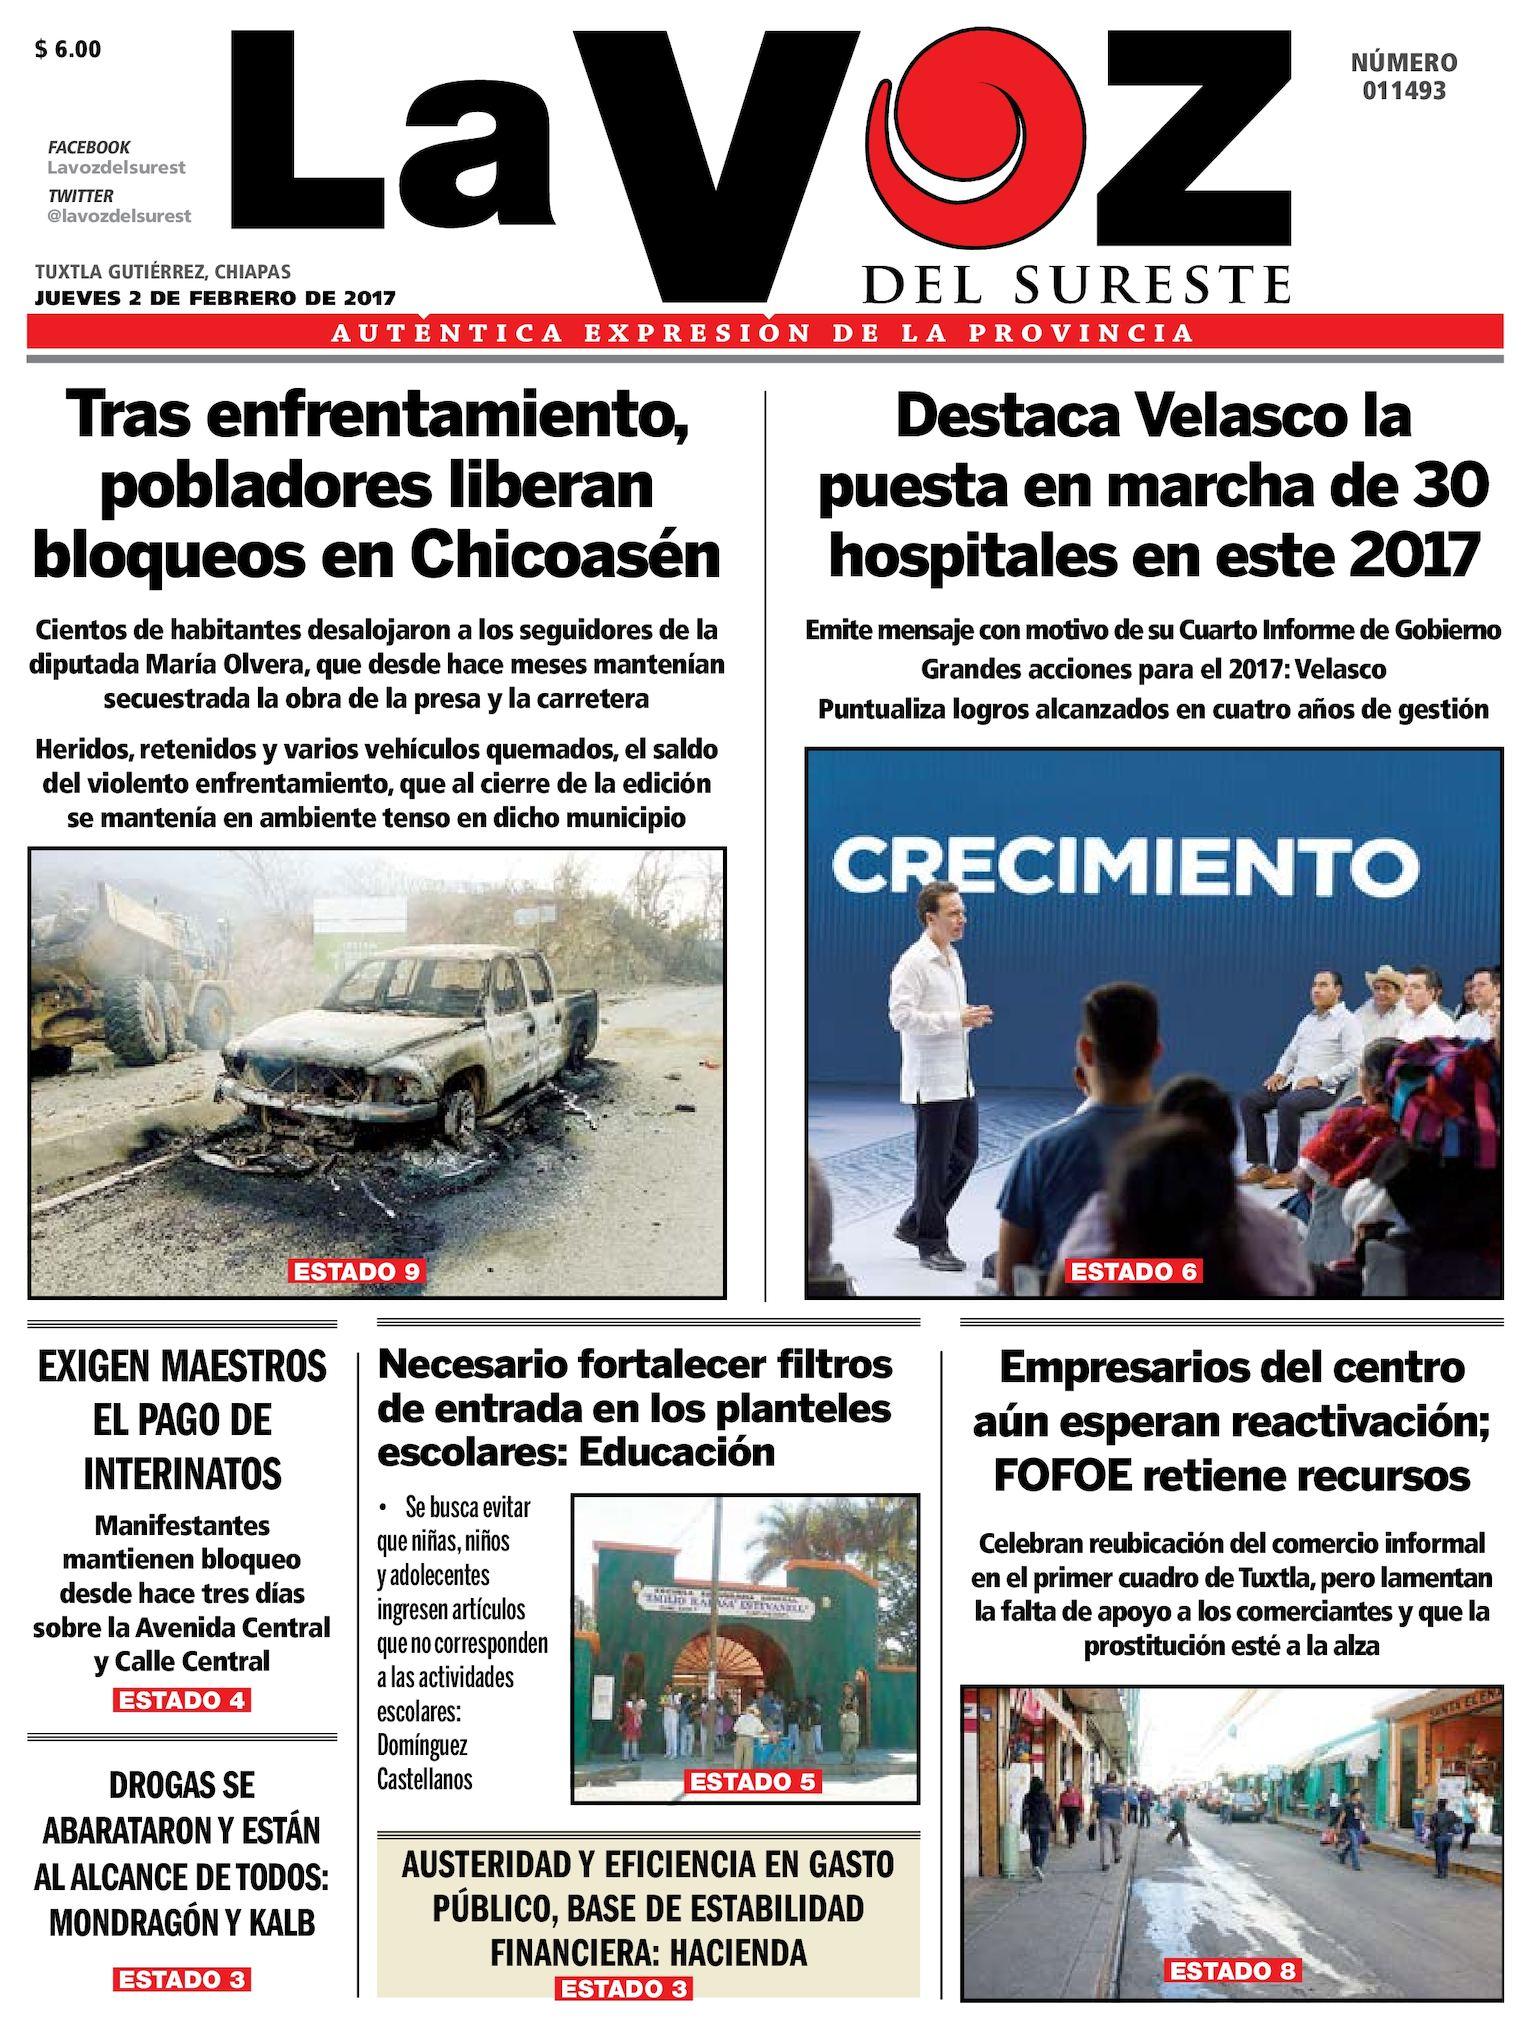 cirugía de próstata monza hospital español